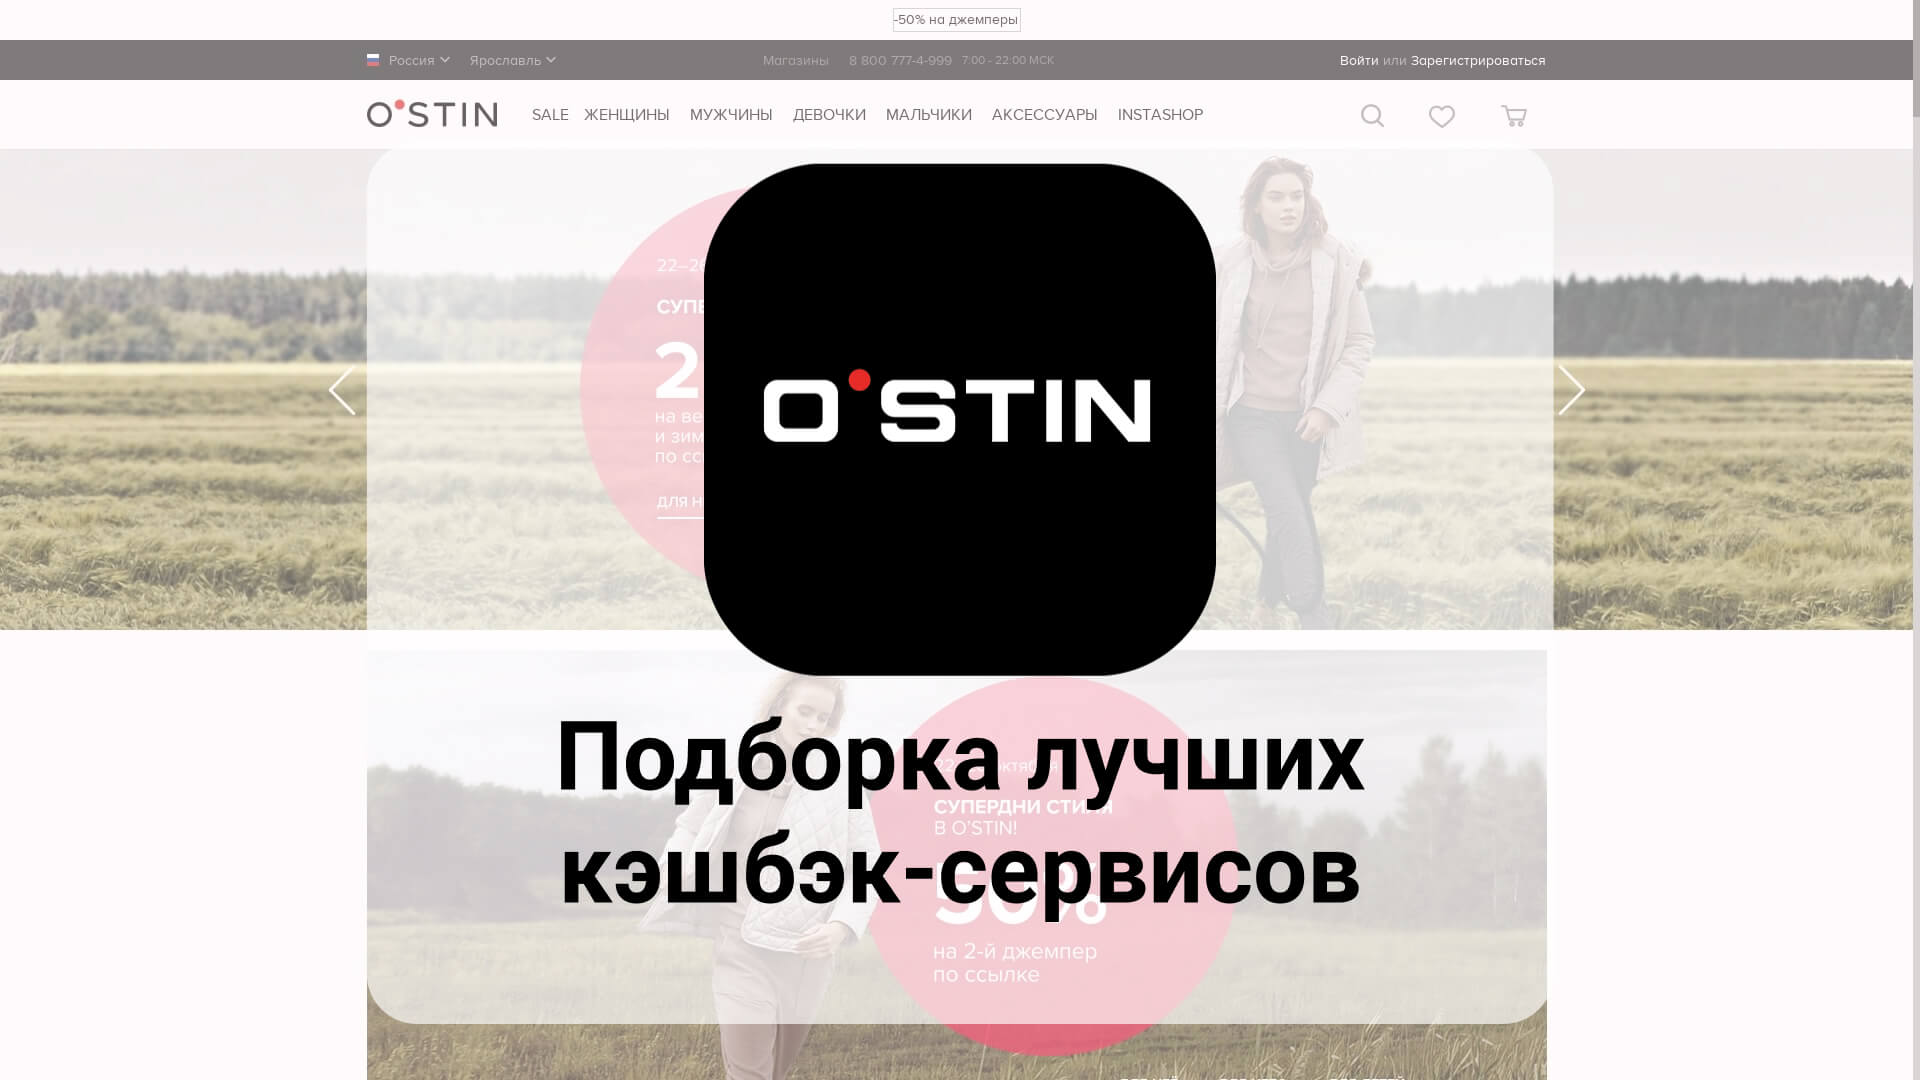 Подборка лучших кэшбэк-сервисов для интернет-магазина Ostin.